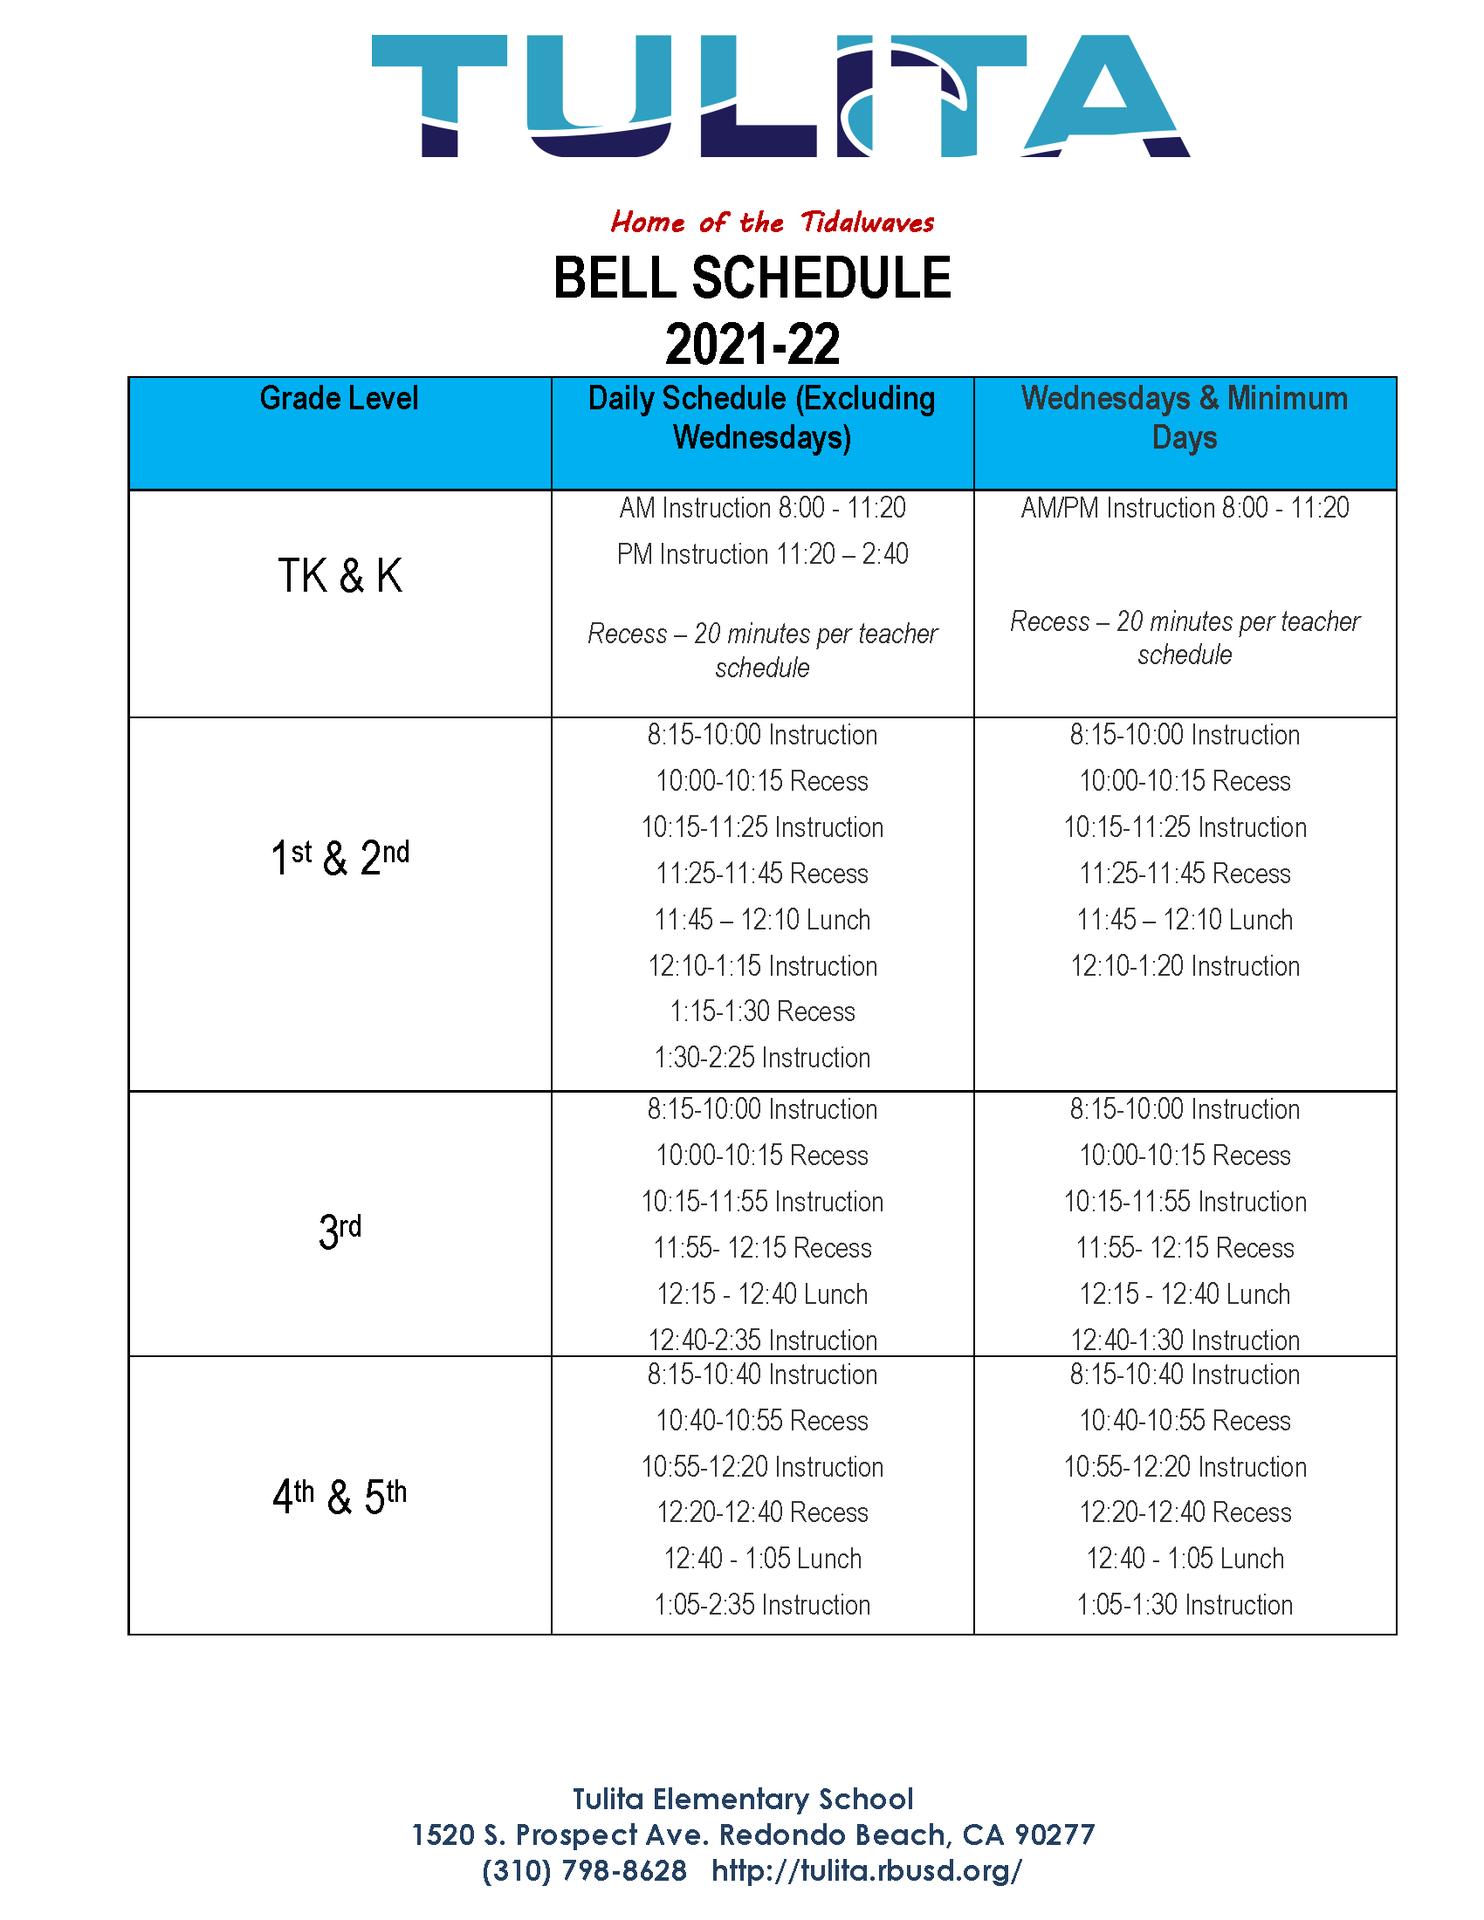 21-22 schedule